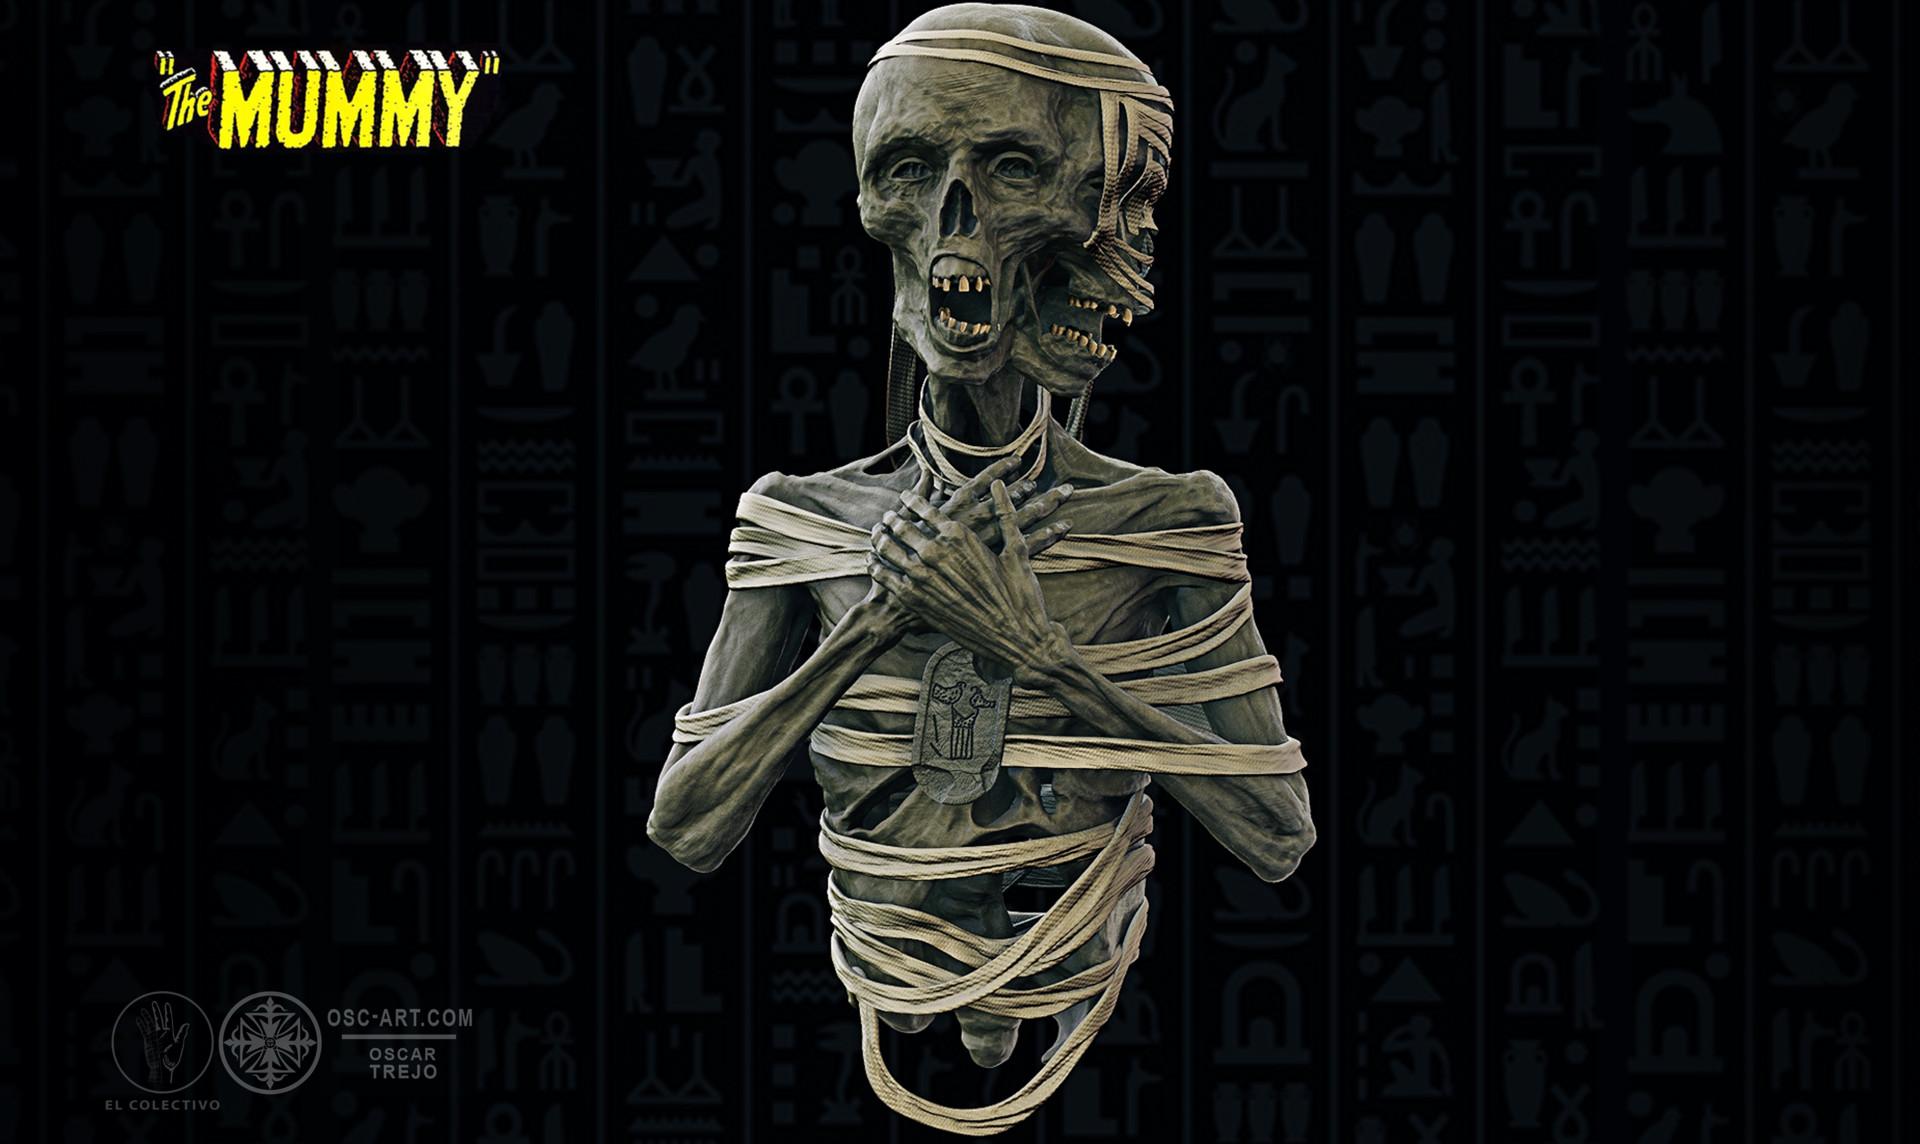 Oscar trejo mummy2c